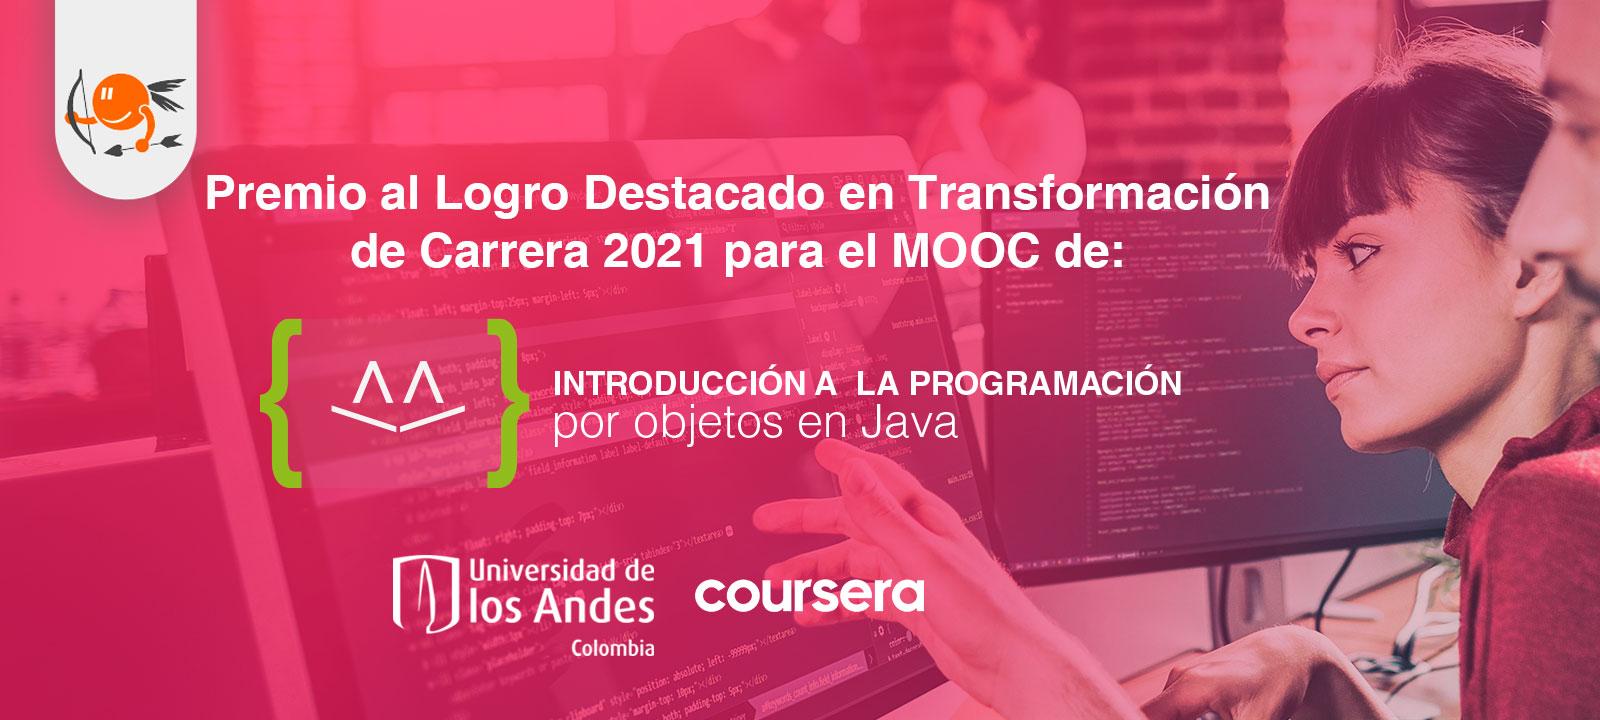 Coursera otorga premio de 'Transformación de Carrera' al MOOC de Java